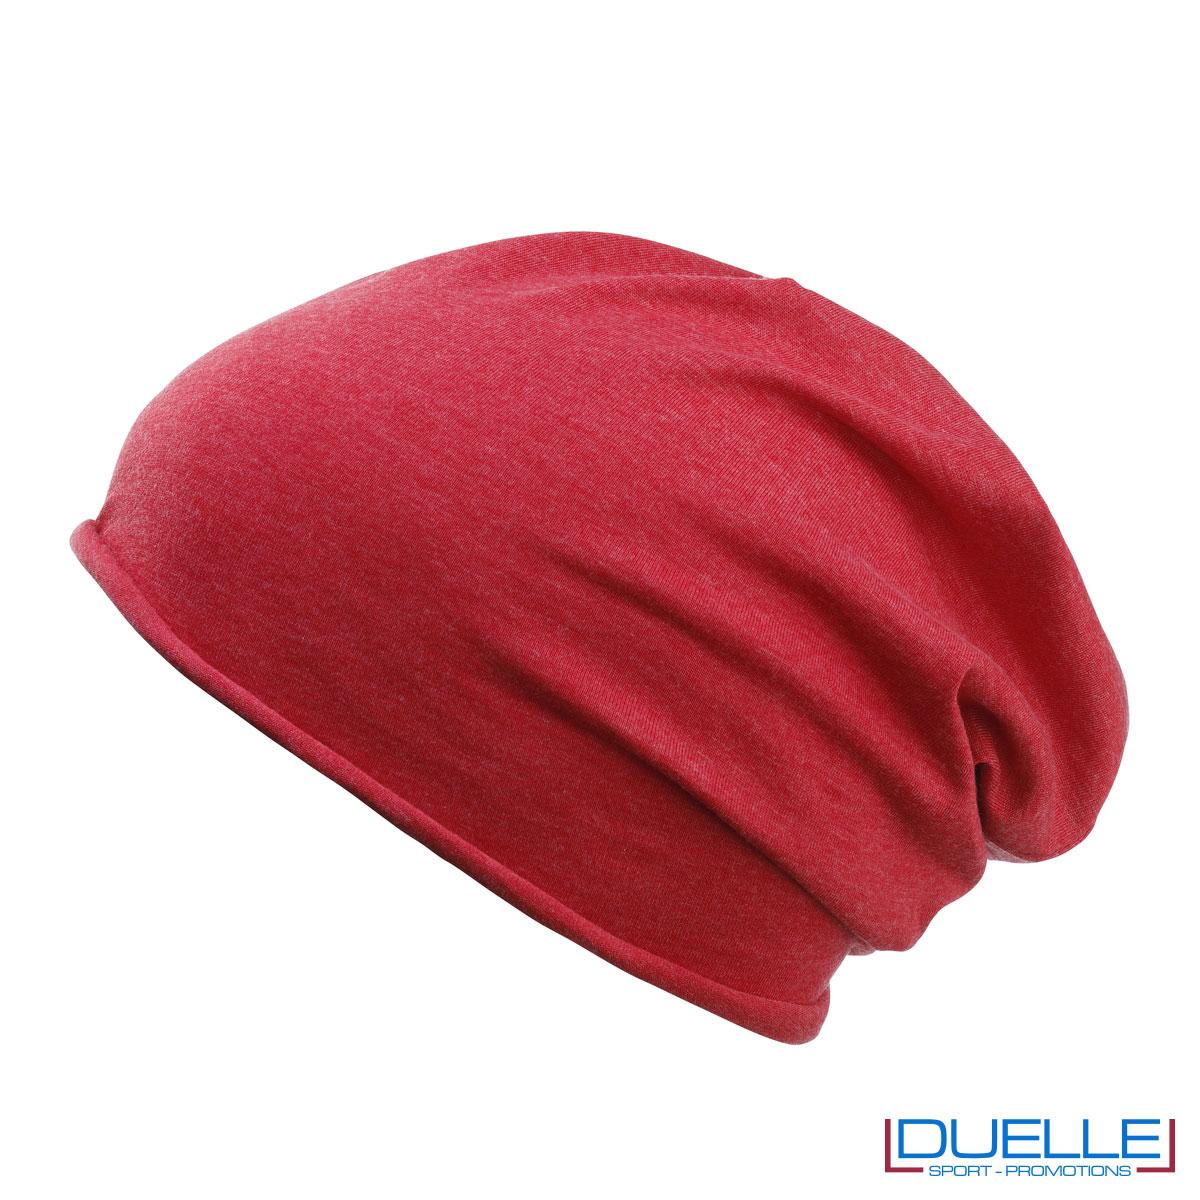 Cuffia cotone organico colore rosso personalizzata